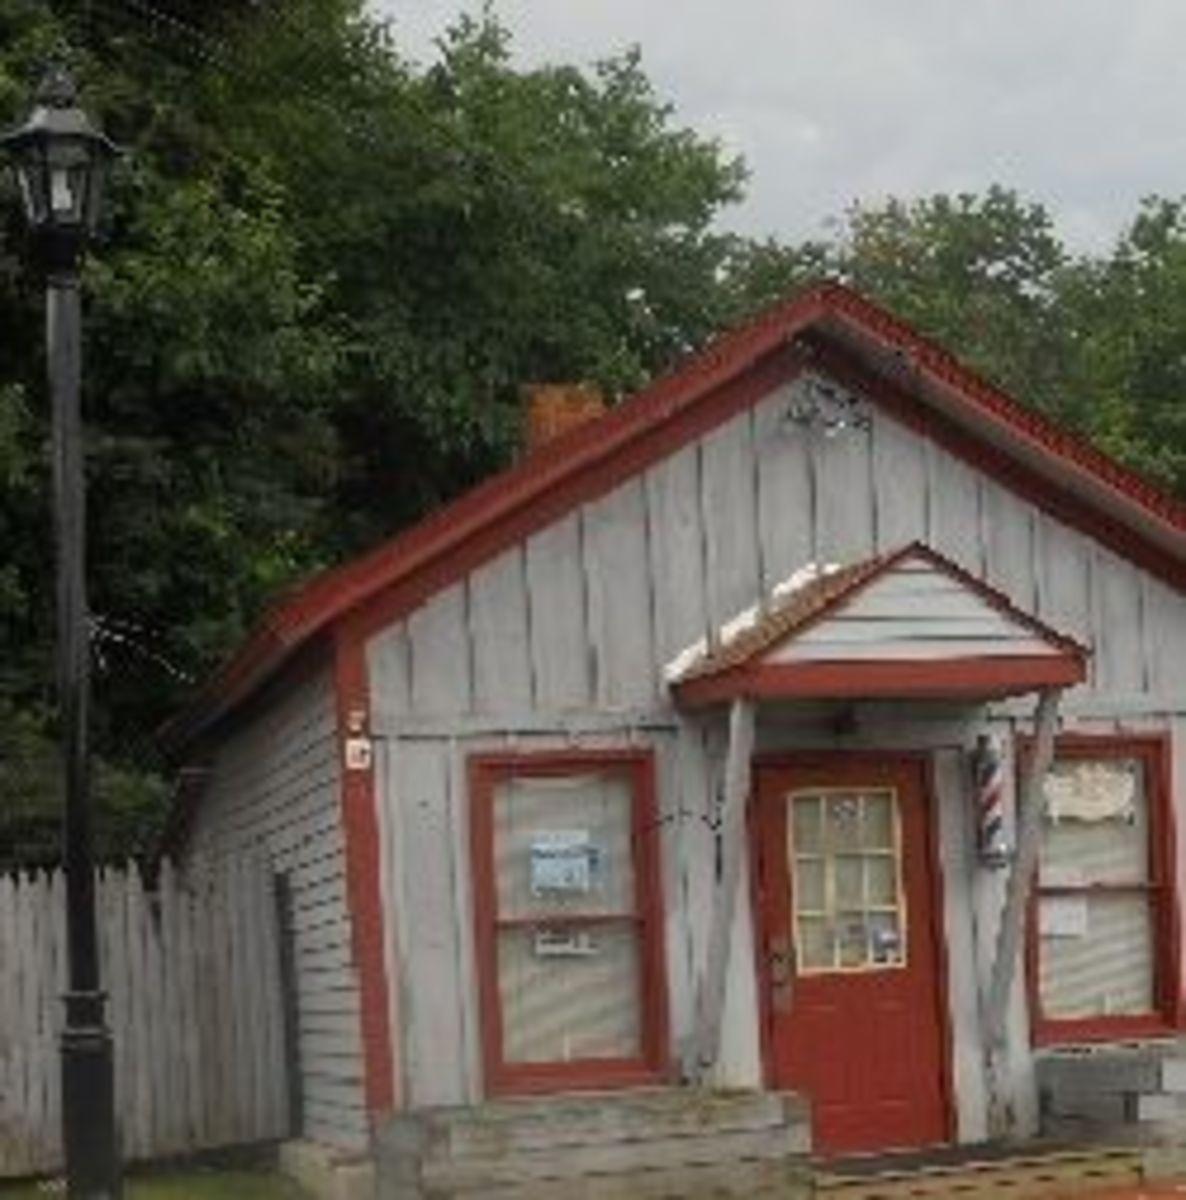 Barbershop, Voluntown, Connecticut